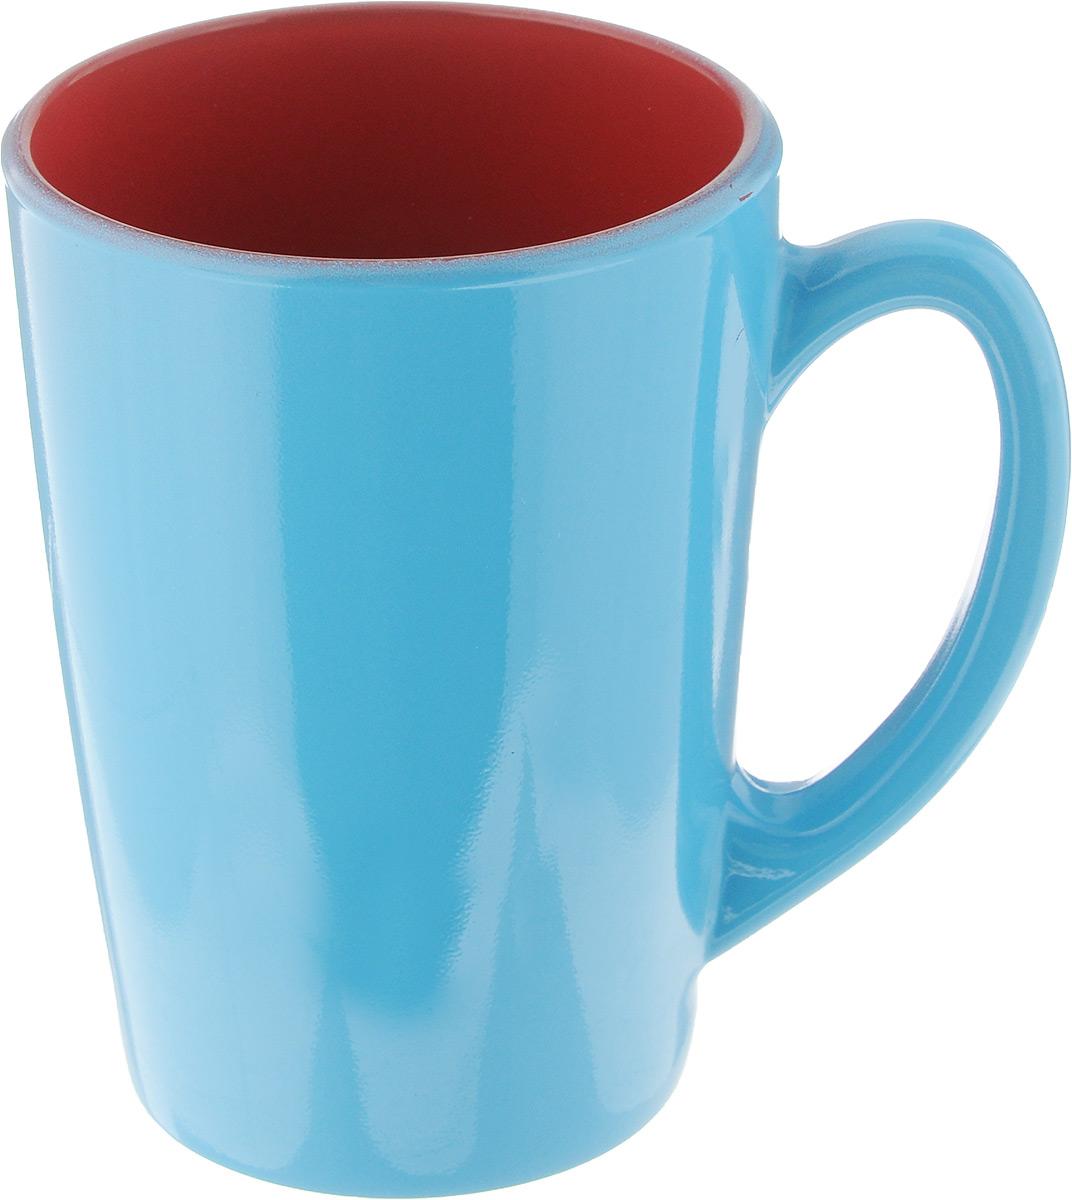 Кружка Luminarc Spring Break, цвет: голубой, красный, 320 мл. J3417-1115510Кружка Luminarc Spring Break, изготовленная из ударопрочного стекла, прекрасно подойдет для горячих и холодных напитков. Она дополнит коллекцию вашей кухонной посуды и будет служить долгие годы. Можно использовать в микроволновой печи и мыть в посудомоечной машине. Диаметр кружки (по верхнему краю): 8 см.Высота стенки кружки: 11 см.